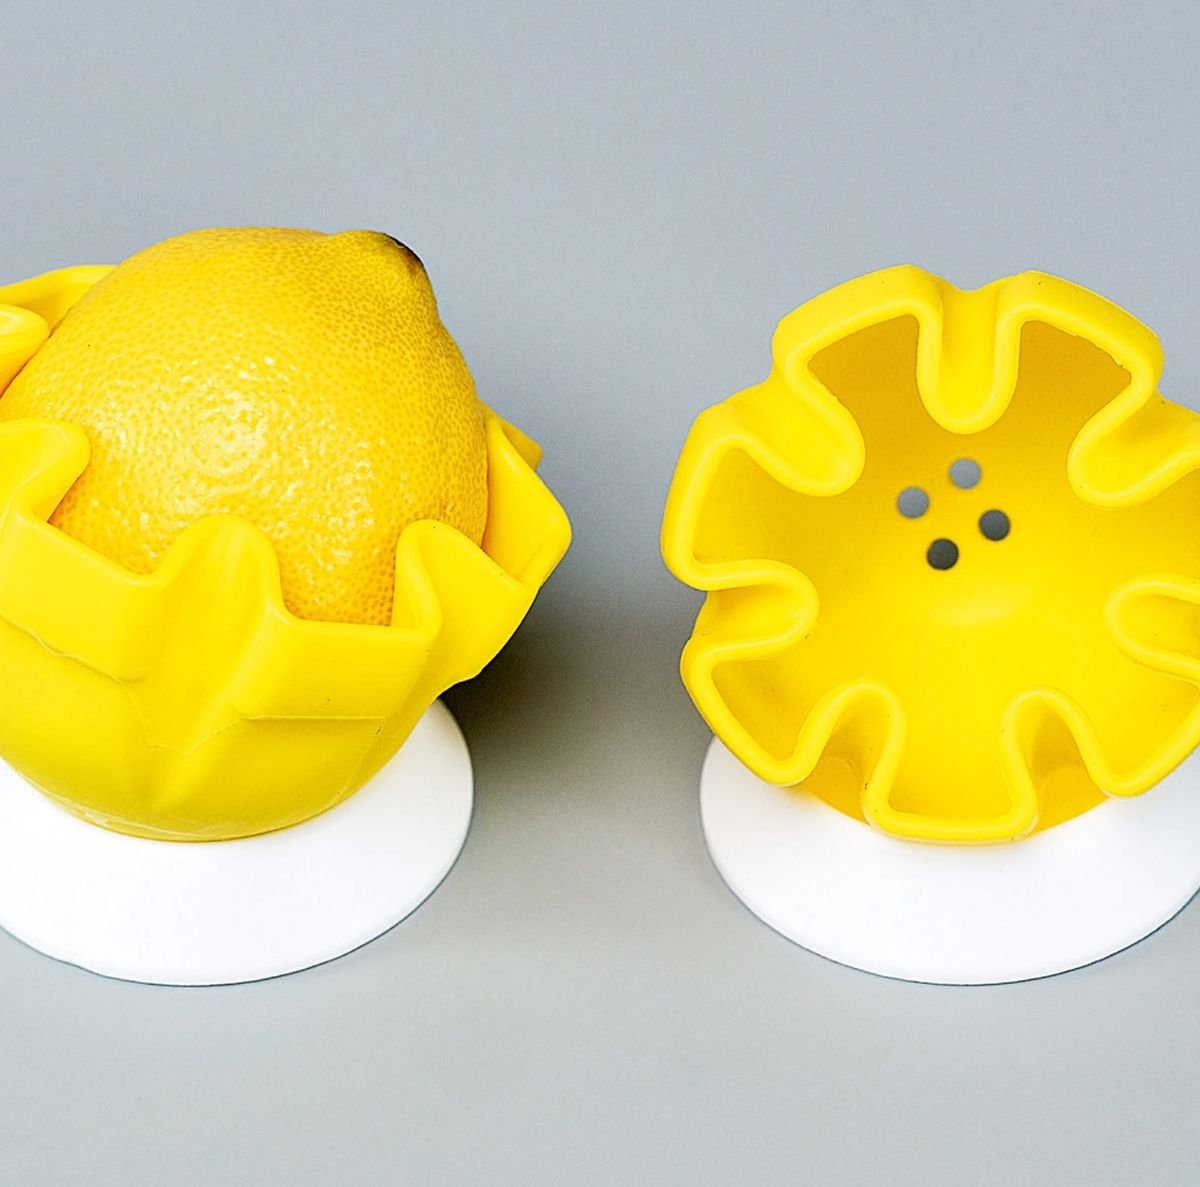 In der Zitronenpresse von Fackelmann lässt sich die Frucht auch aufbewahren, wenn man sie nur schrittweise auspressen möchte.